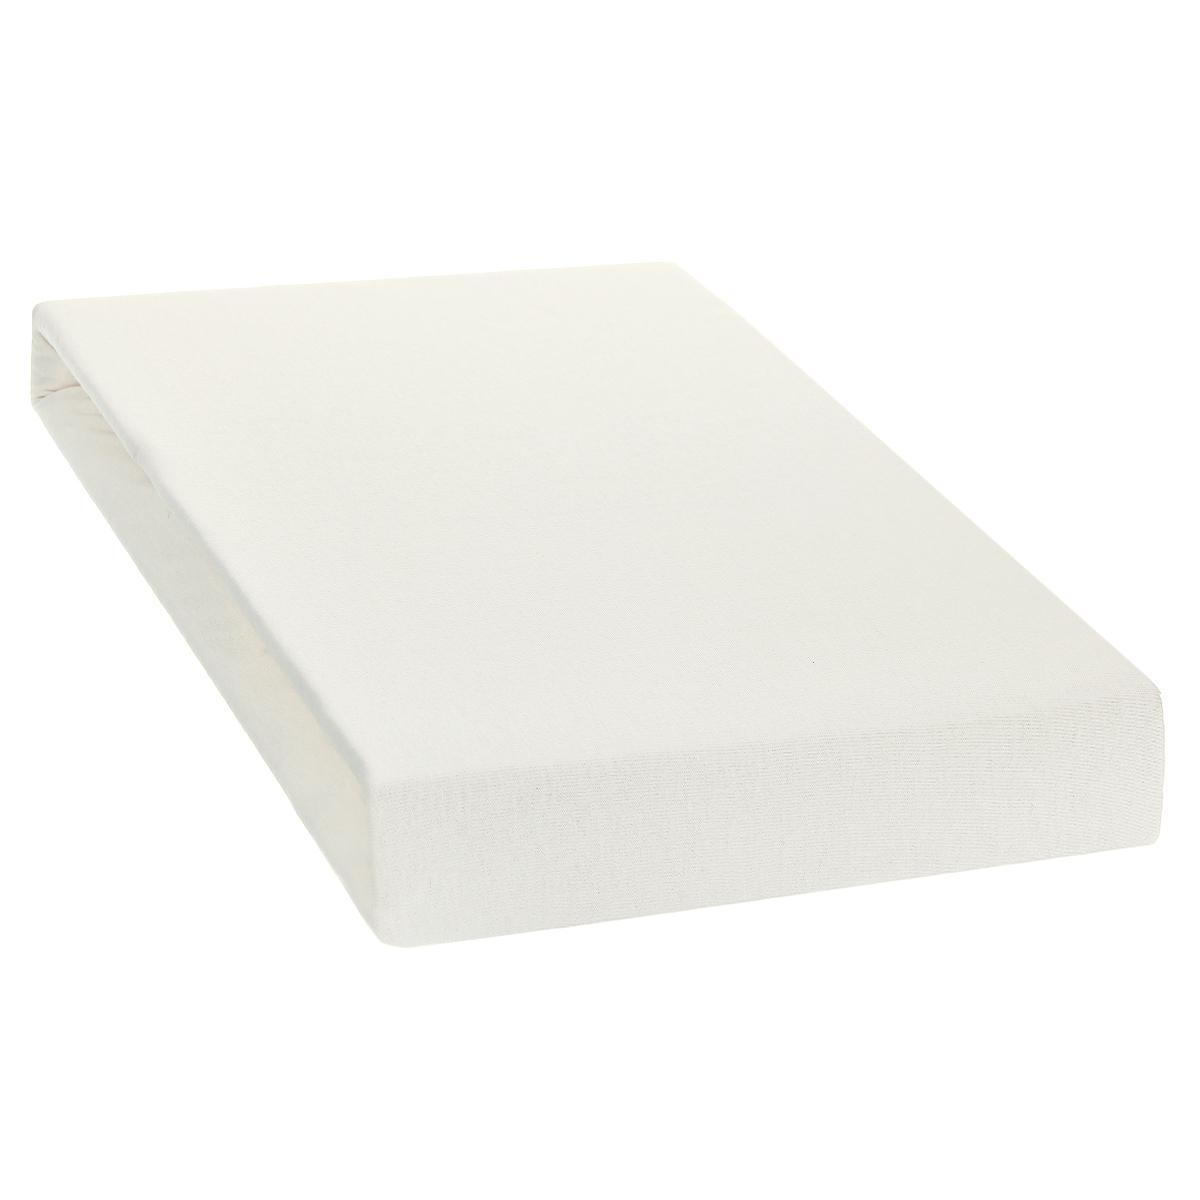 Простыня на резинке Tete-a-Tete, цвет: ваниль, 180 х 200 см74-0120Однотонная простыня на резинке Tete-a-Tete выполнена из натурального хлопка. Высочайшее качество материала гарантирует безопасность не только взрослых, но и самых маленьких членов семьи. Простыня гармонично впишется в интерьер вашего дома и создаст атмосферу уюта и комфорта.Особенности коллекции Tete-a-Tete:- выдерживает более 100 стирок практически без изменения внешнего вида,- модные цвета и стойкие оттенки,- минимальная усадка,- надежные резинки и износостойкая ткань,- безупречное качество,- гиппоаллергенно.Коллекция Tete-a-Tete специально создана для практичных людей, которые ценят качество и долговечность вещей, окружают своих близких теплотой и заботой.Высота до 25 см.